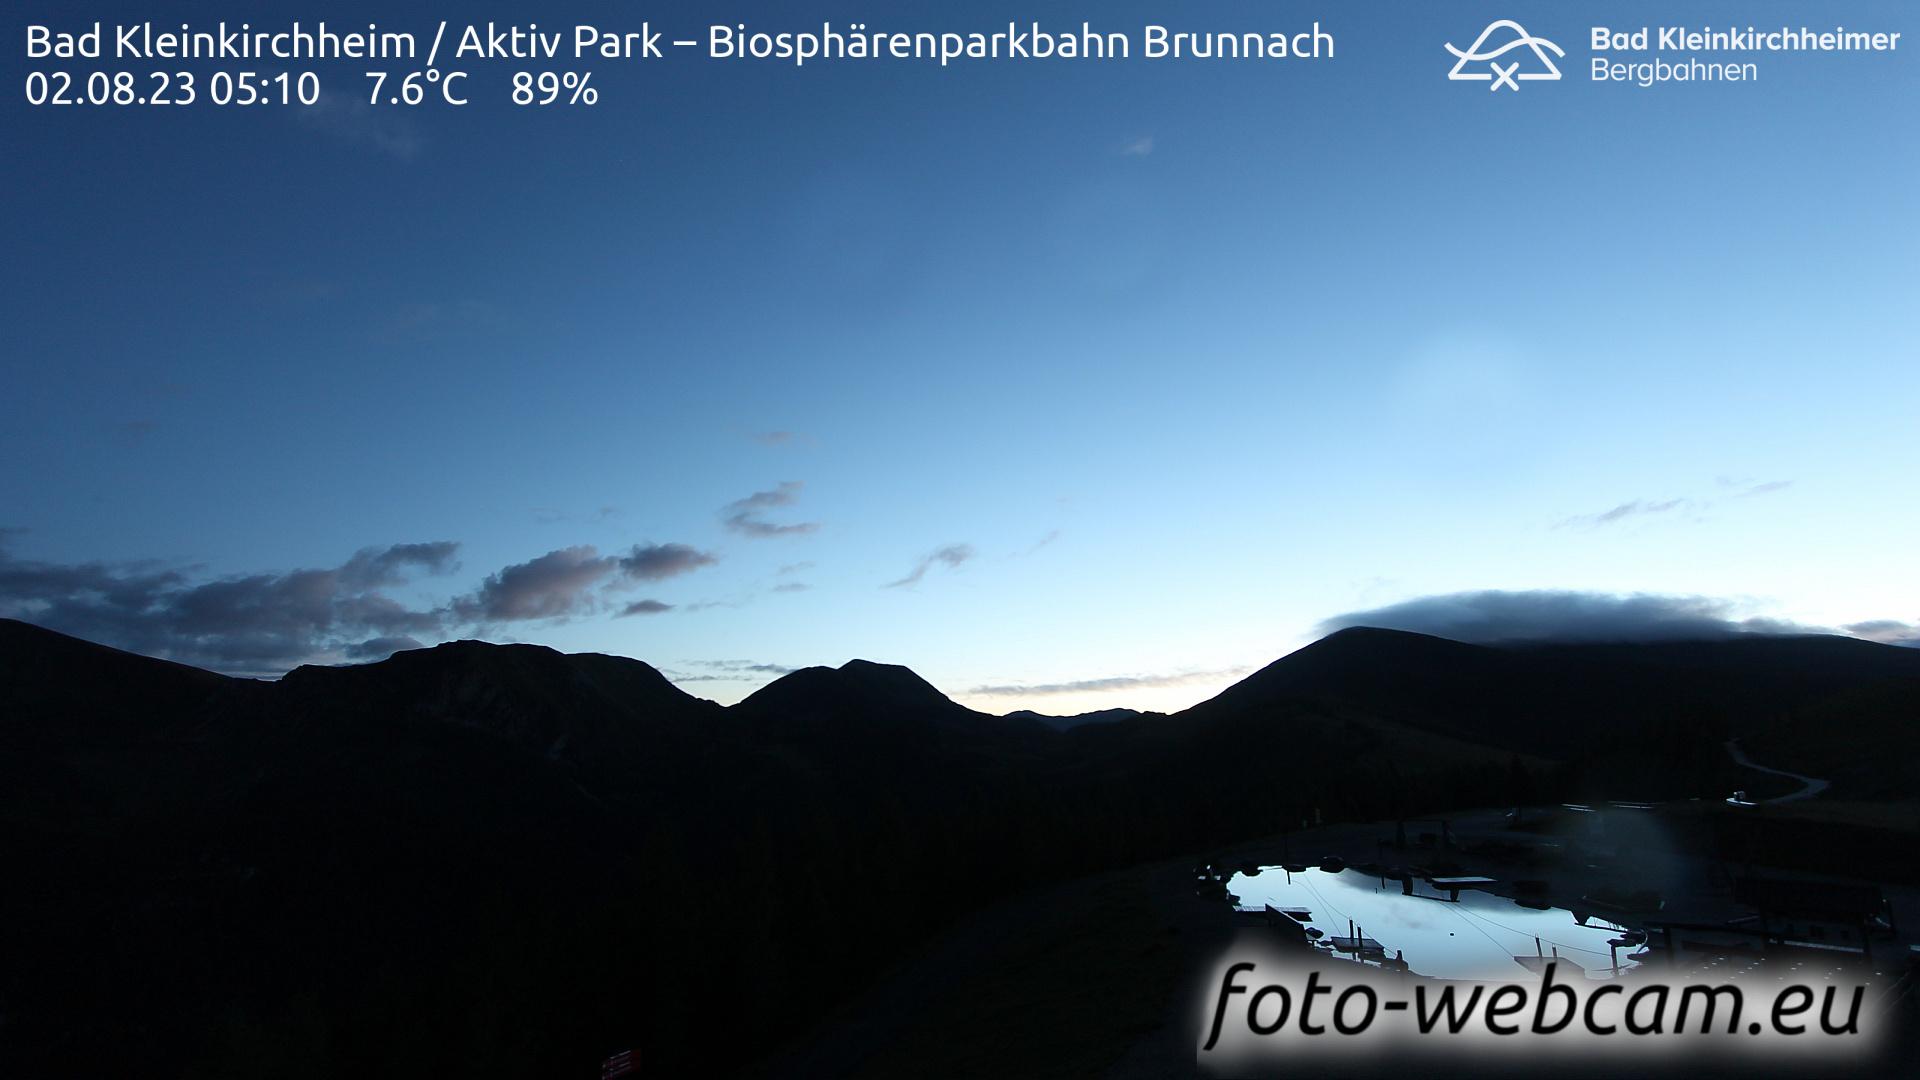 Bad Kleinkirchheim Sat. 05:30